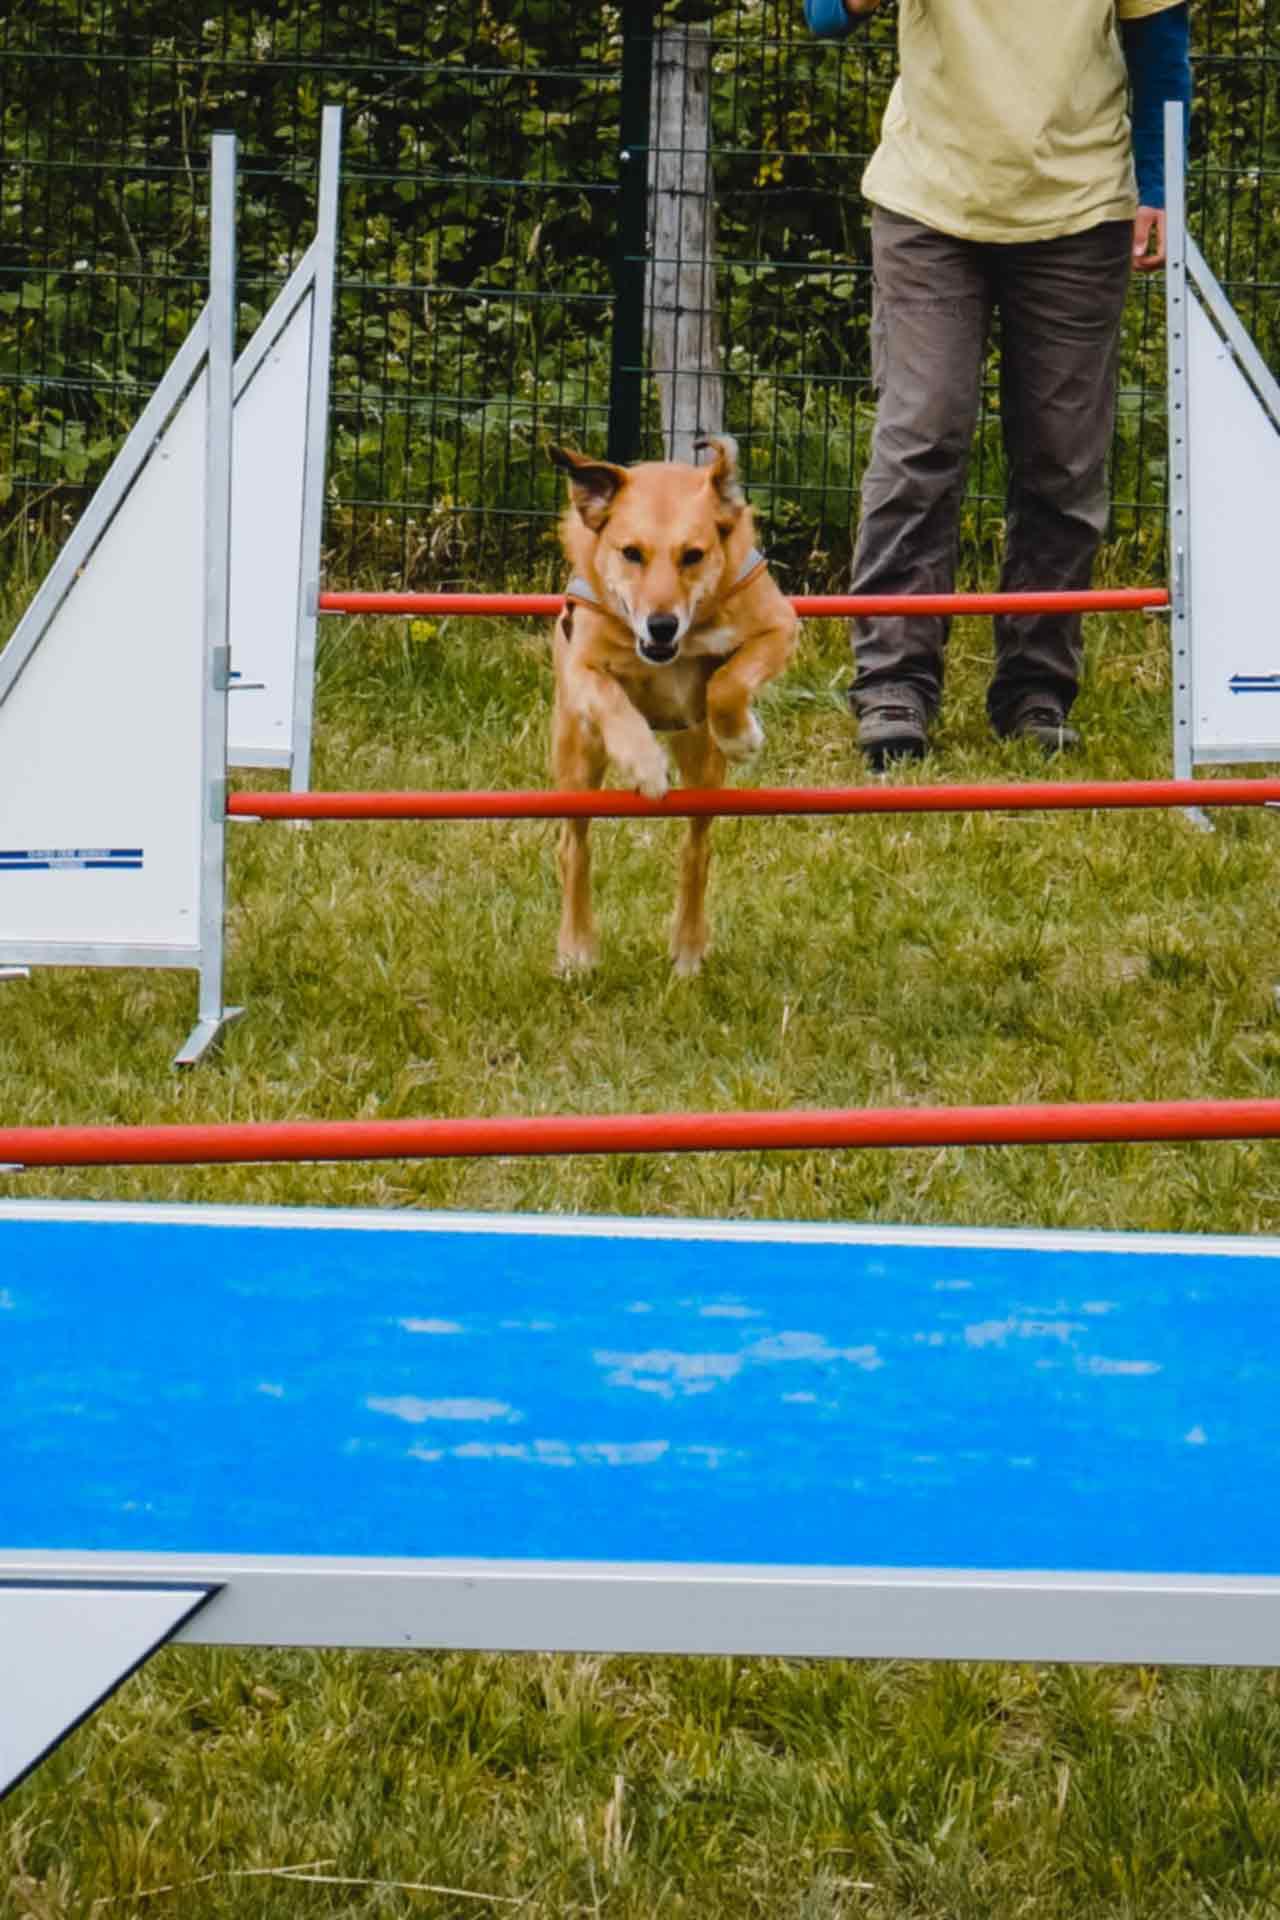 hundpunkt_hundeschule_muenster-ibbenbueren-kurs-agility-aktion